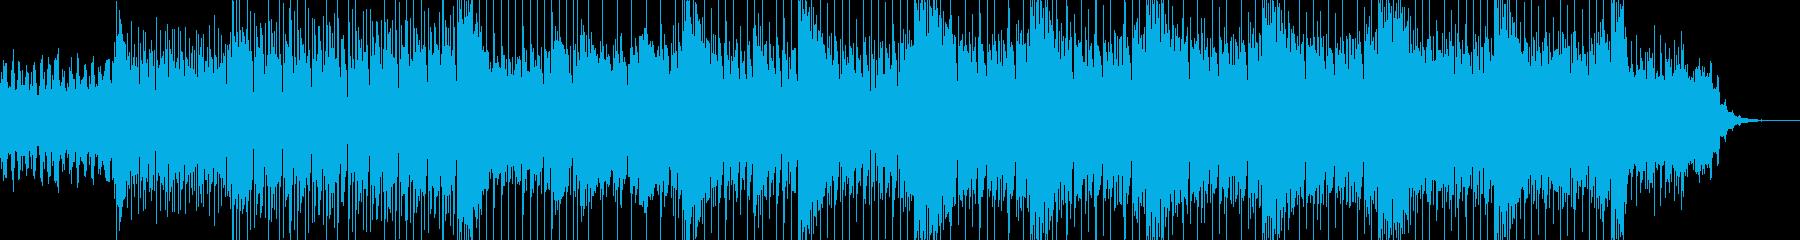 怪しげで疾走感のあるカッコイイ曲の再生済みの波形